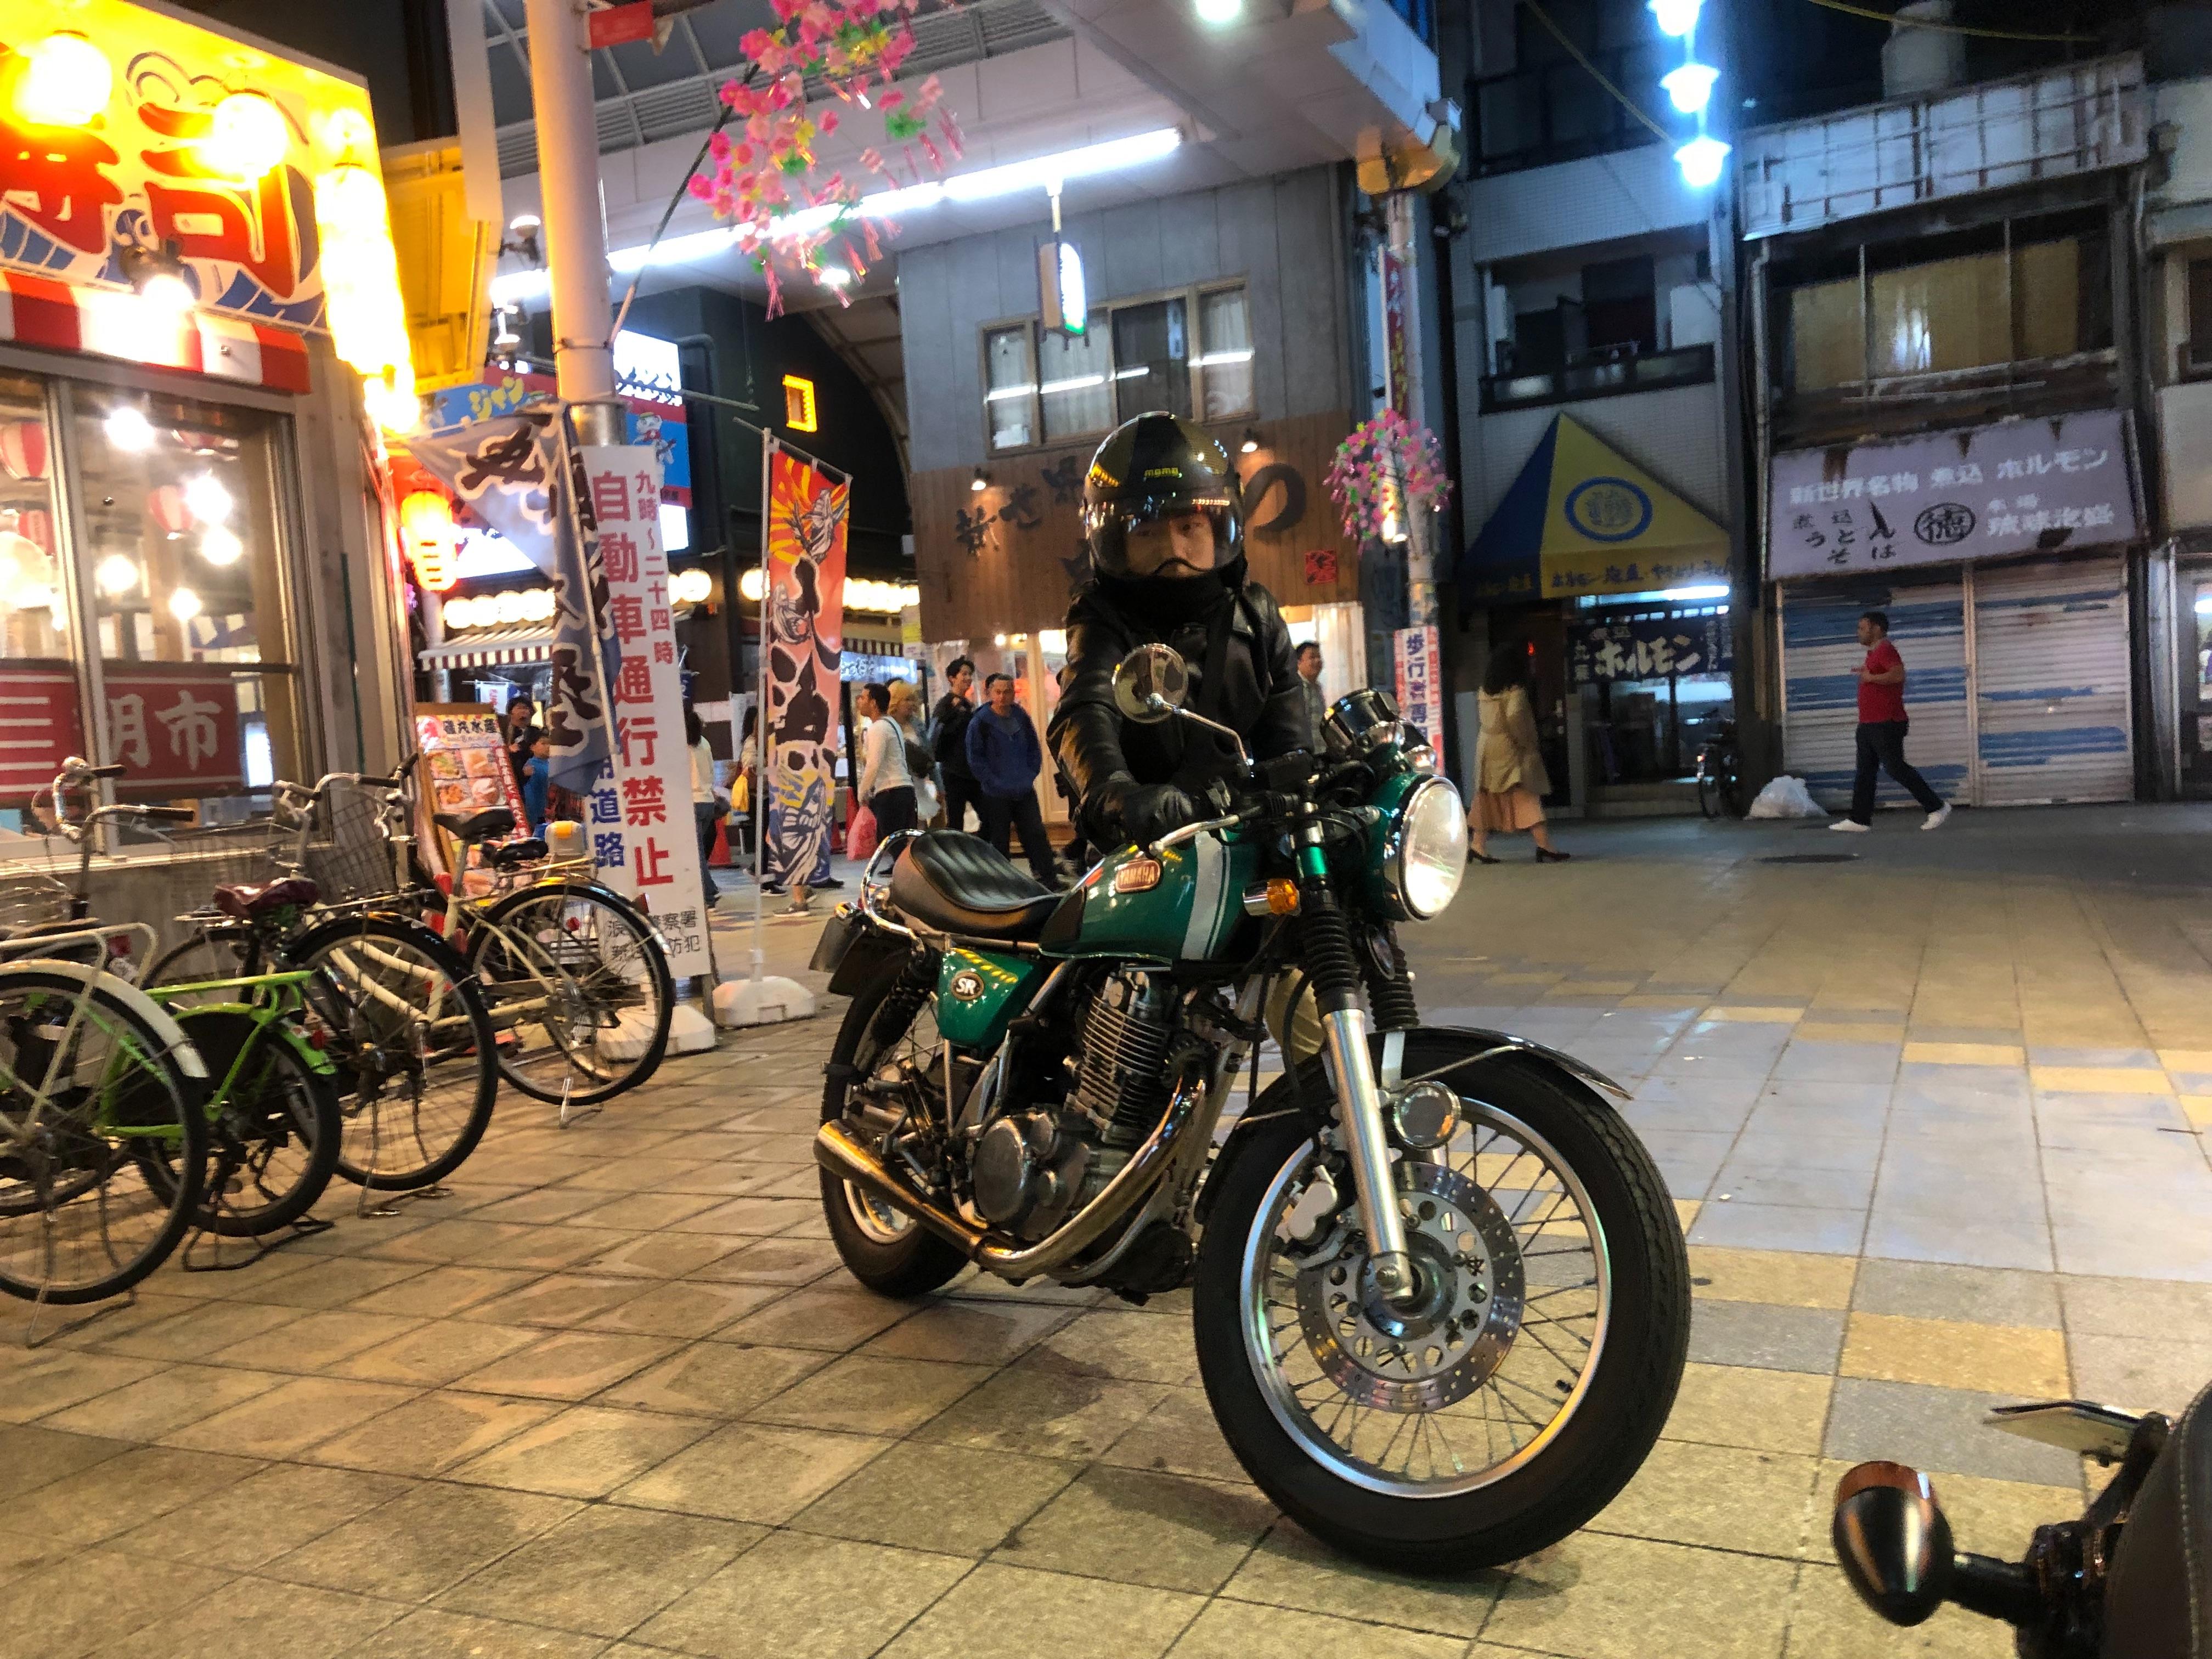 f:id:yukiaveiro:20191009065608j:image